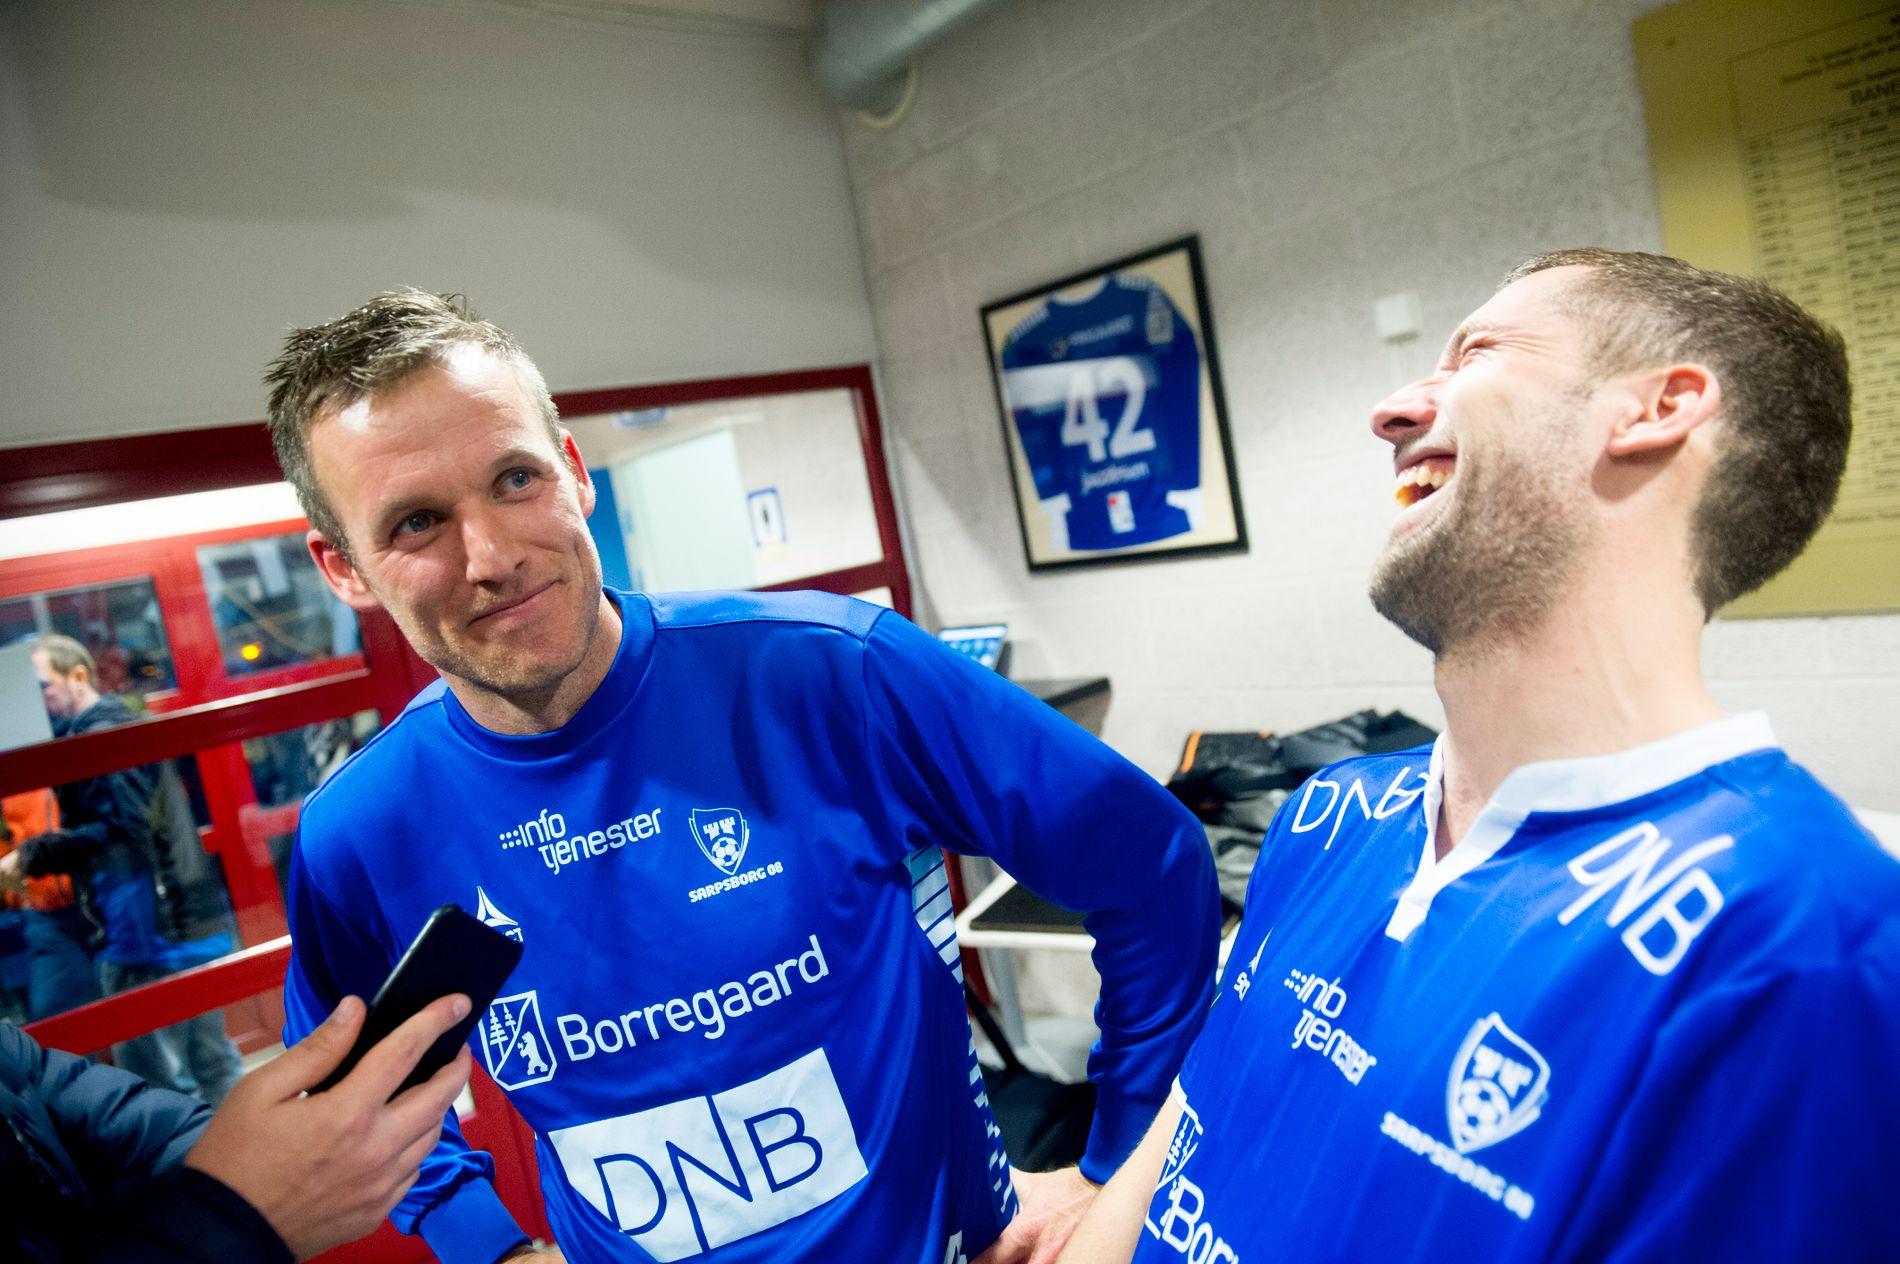 SAGT OPP: Etter to års sportslig og økonomisk opptur har Kjetil Berge (til venstre) blitt sagt opp som daglig leder i Moss Fotballklubb. Her sammen med Steffen Ernemann fra tiden som spiller i Sarpsborg 08.